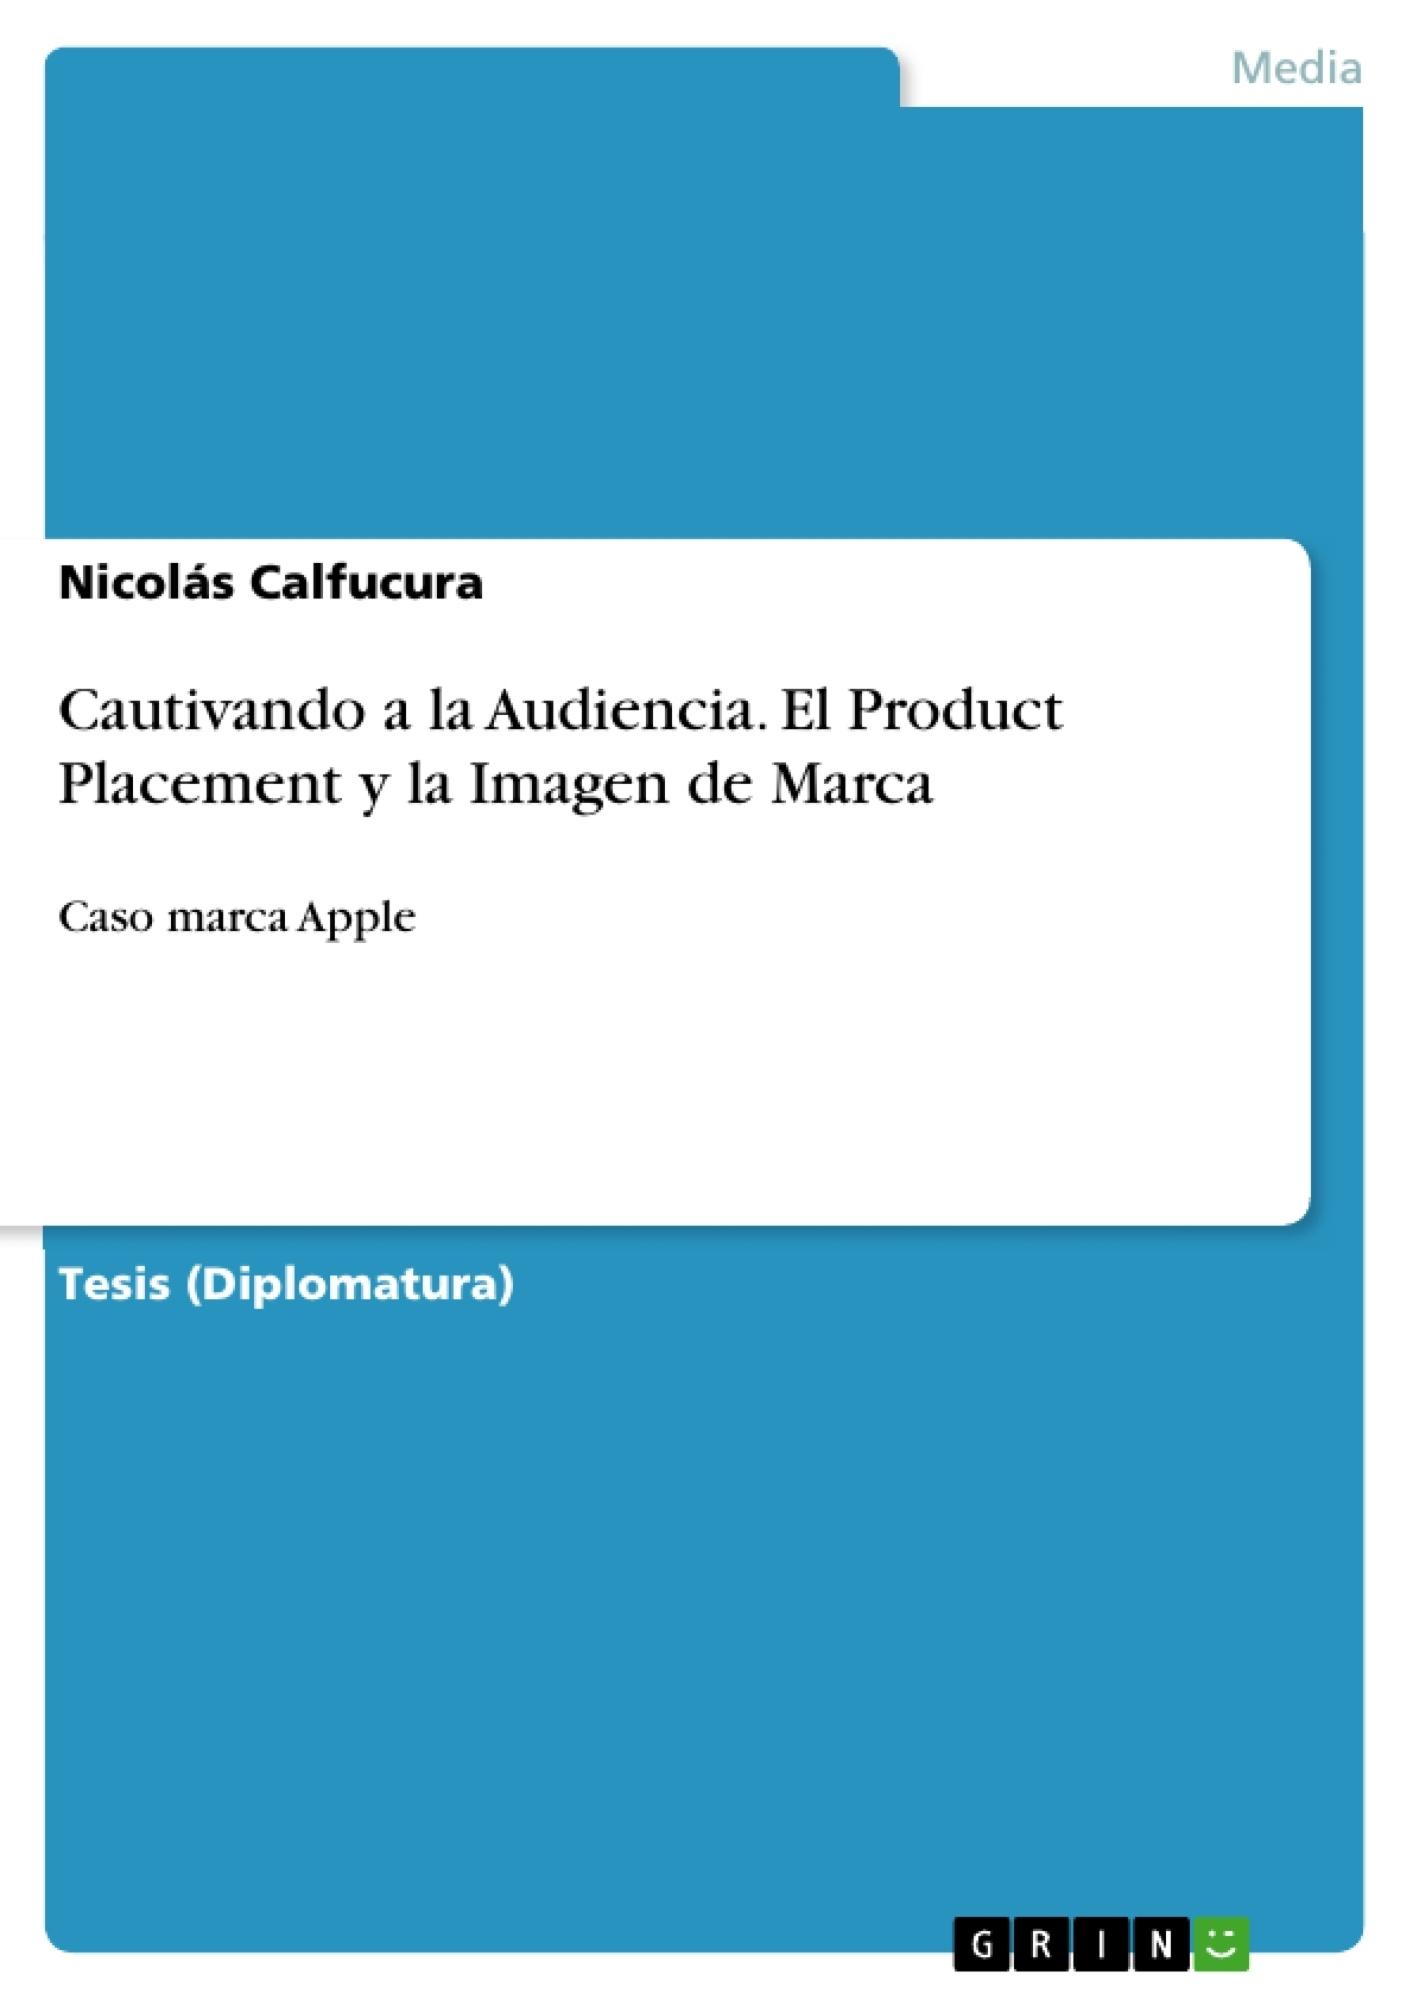 Título: Cautivando a la Audiencia. El Product Placement y la Imagen de Marca